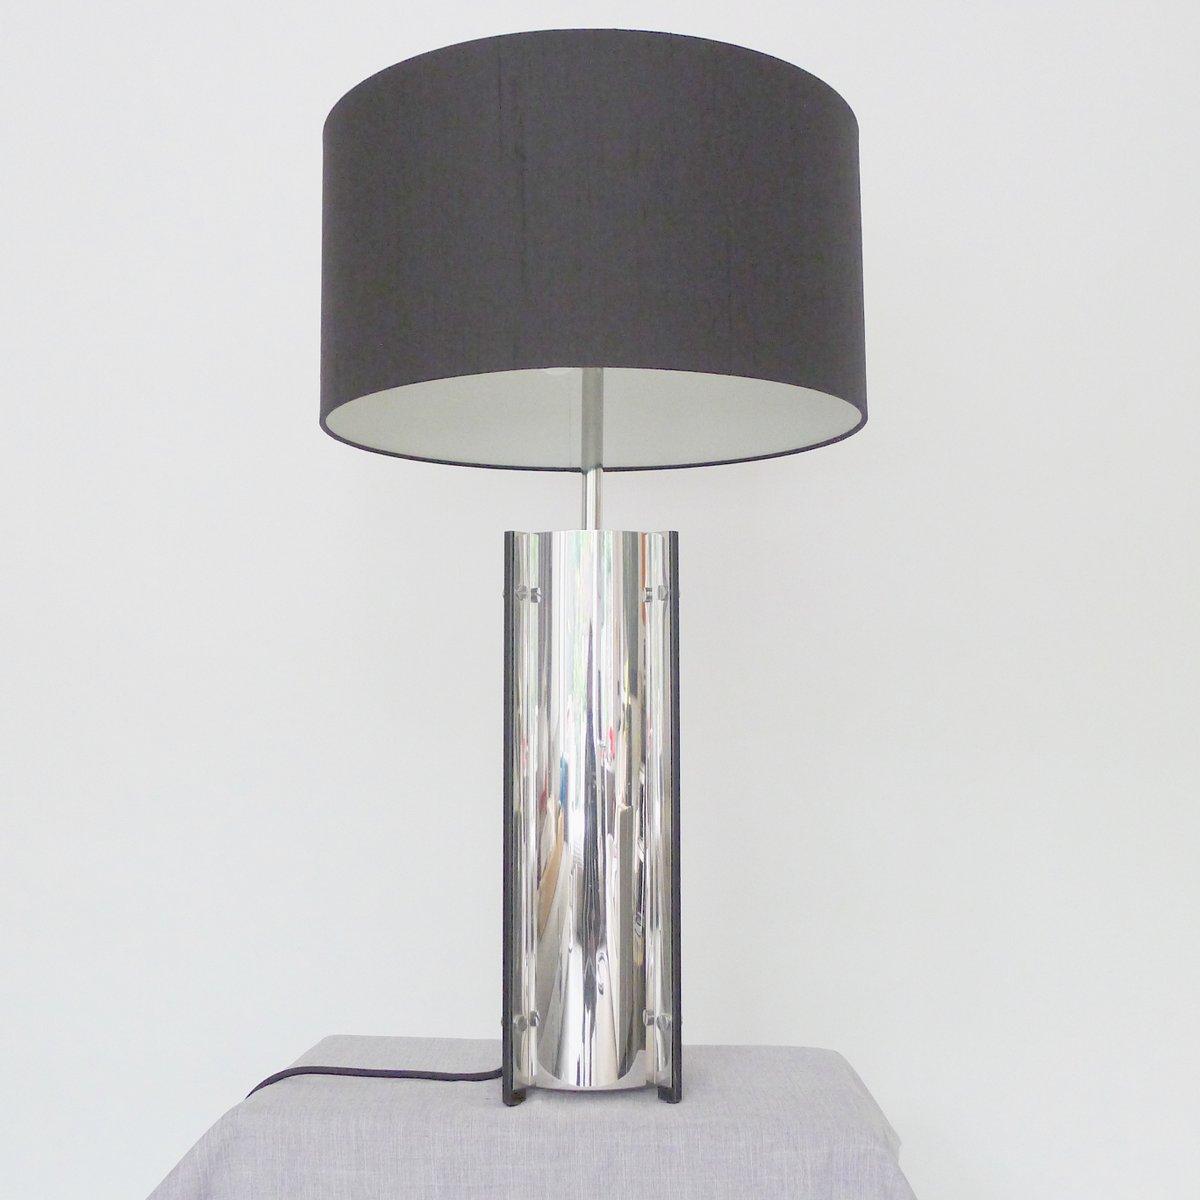 Vintage Tischlampe von Gaetano Sciolari